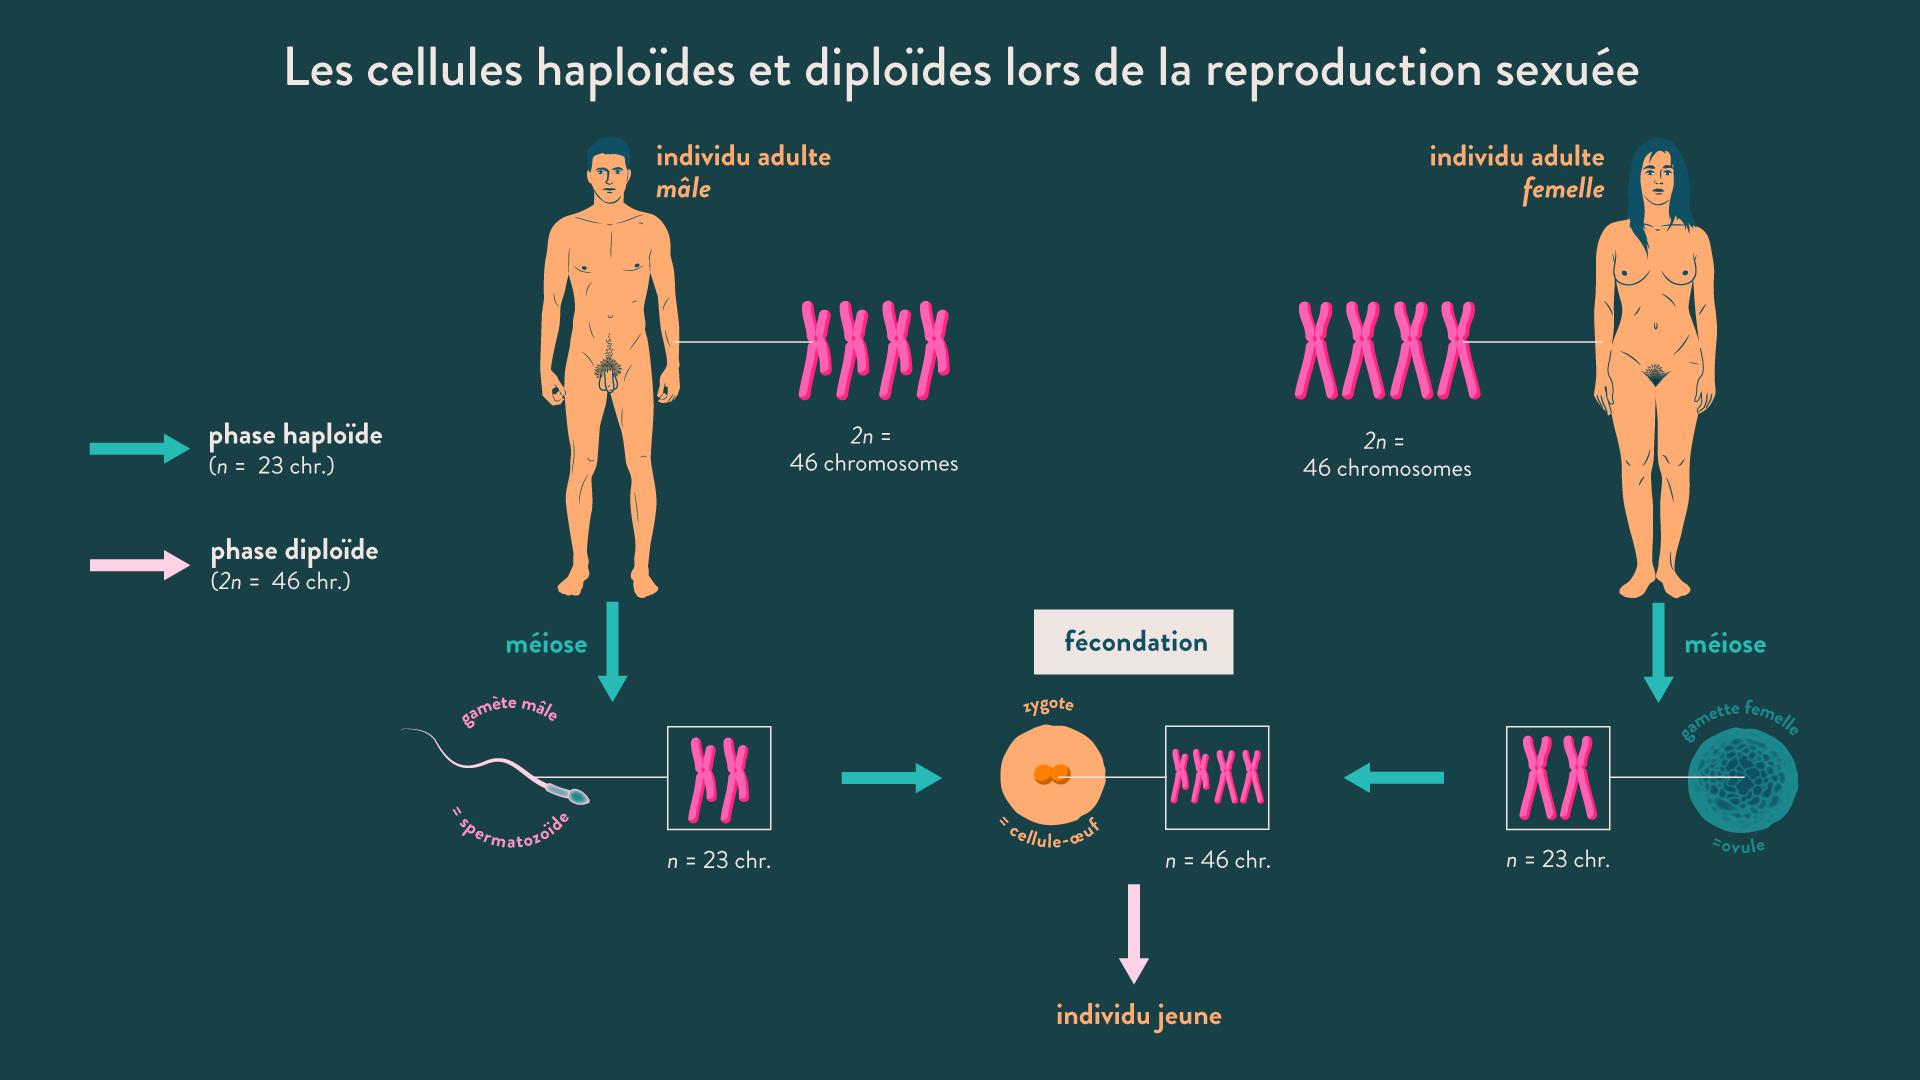 Les cellules haploïdes et diploïdes lors de la reproduction sexuée